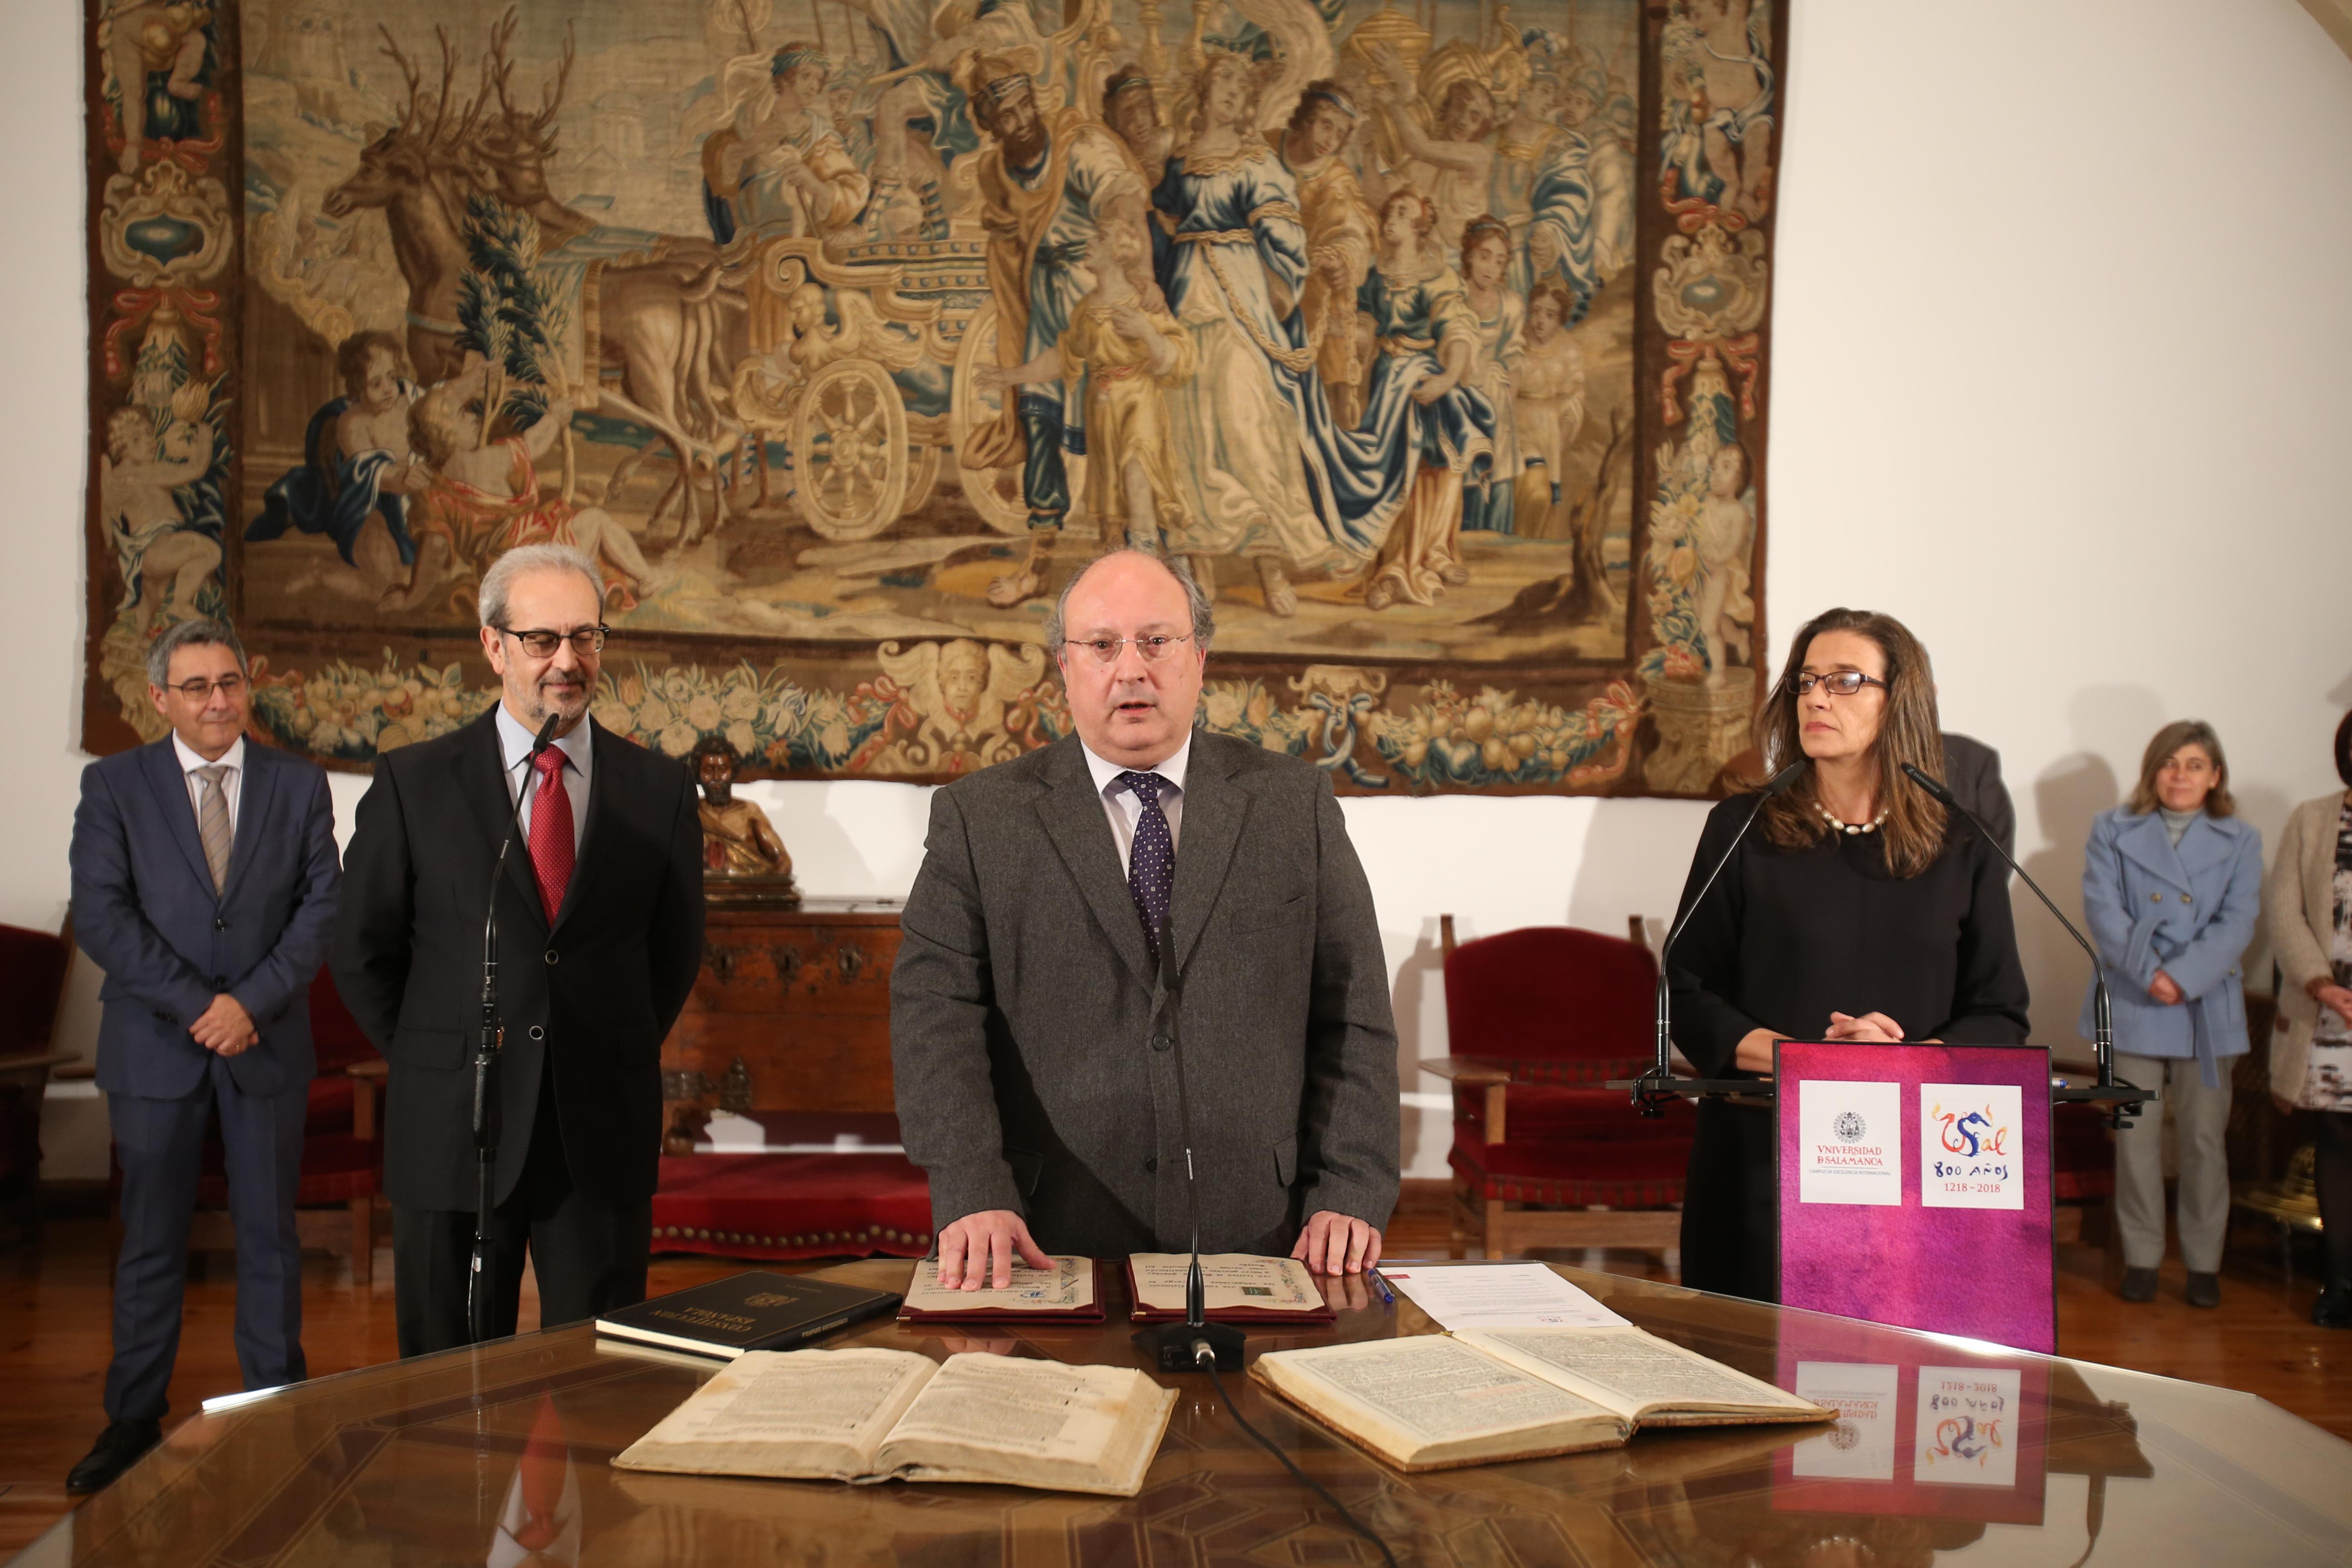 El rector preside la toma de posesión de Enrique Cabero como nuevo vicerrector de Promoción y Coordinación de la Universidad de Salamanca